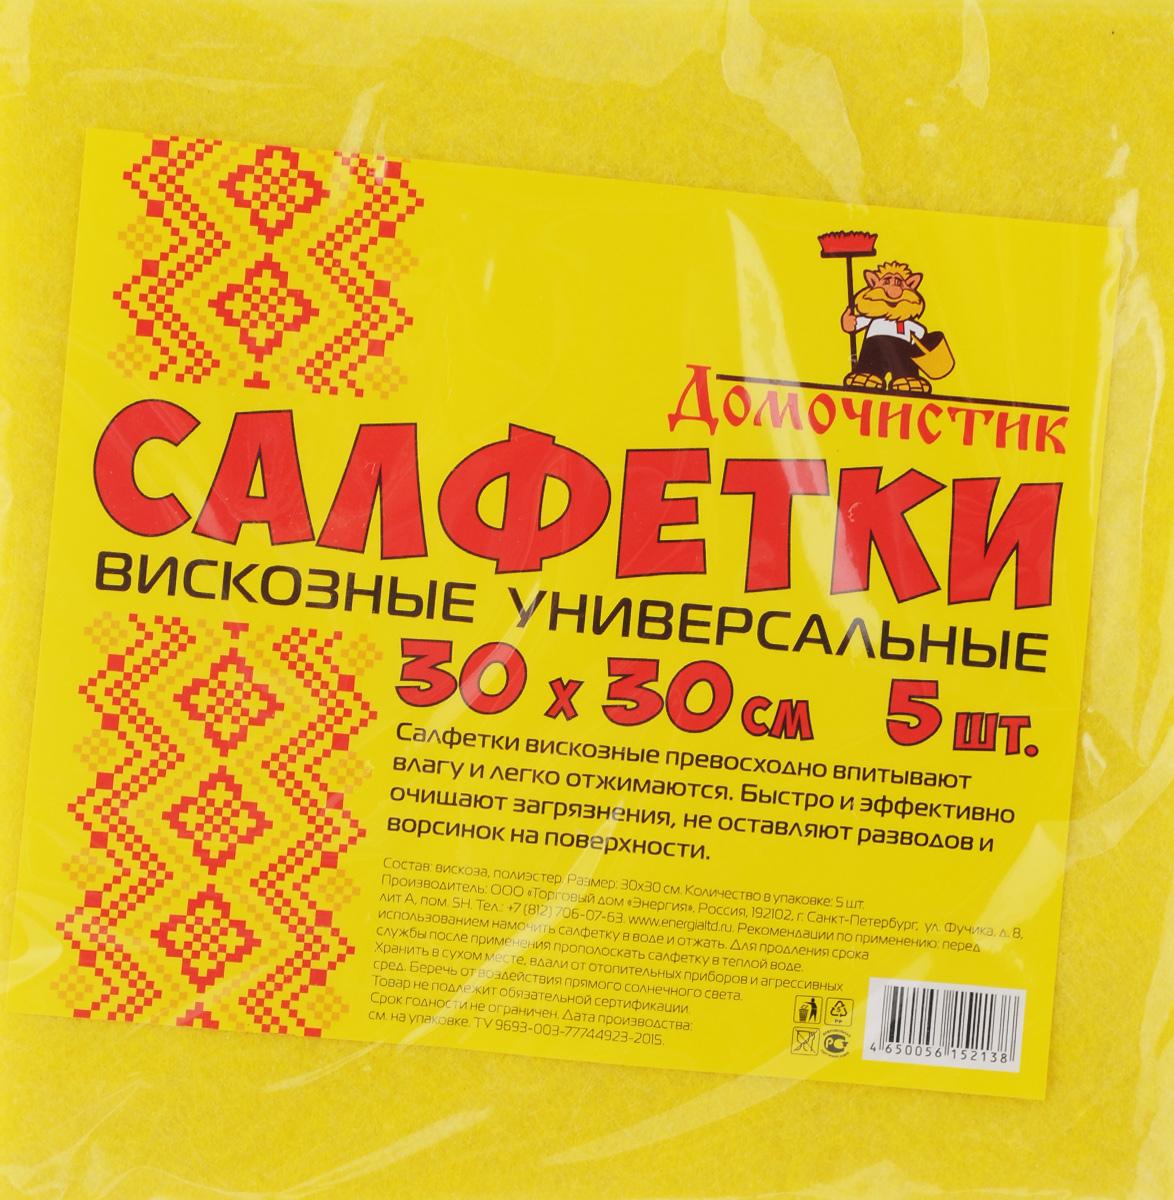 Салфетка для уборки Домочистик из вискозы, универсальная, цвет: желтый, 30 x 30 см, 5 штS03301004Универсальные салфетки для уборки Домочистик выполнены из вискозы, превосходно впитывают влагу и легко отжимаются. Быстро и эффективно очищают загрязнения, не оставляют разводов. Рекомендации по применению:Перед использованием намочить салфетку в воде и отжать.Для продления срока службы после применения прополоскать в теплой воде.Хранить в сухом месте, вдали отопительных приборов и агрессивных сред.Размер салфеток: 30 x 30 см.